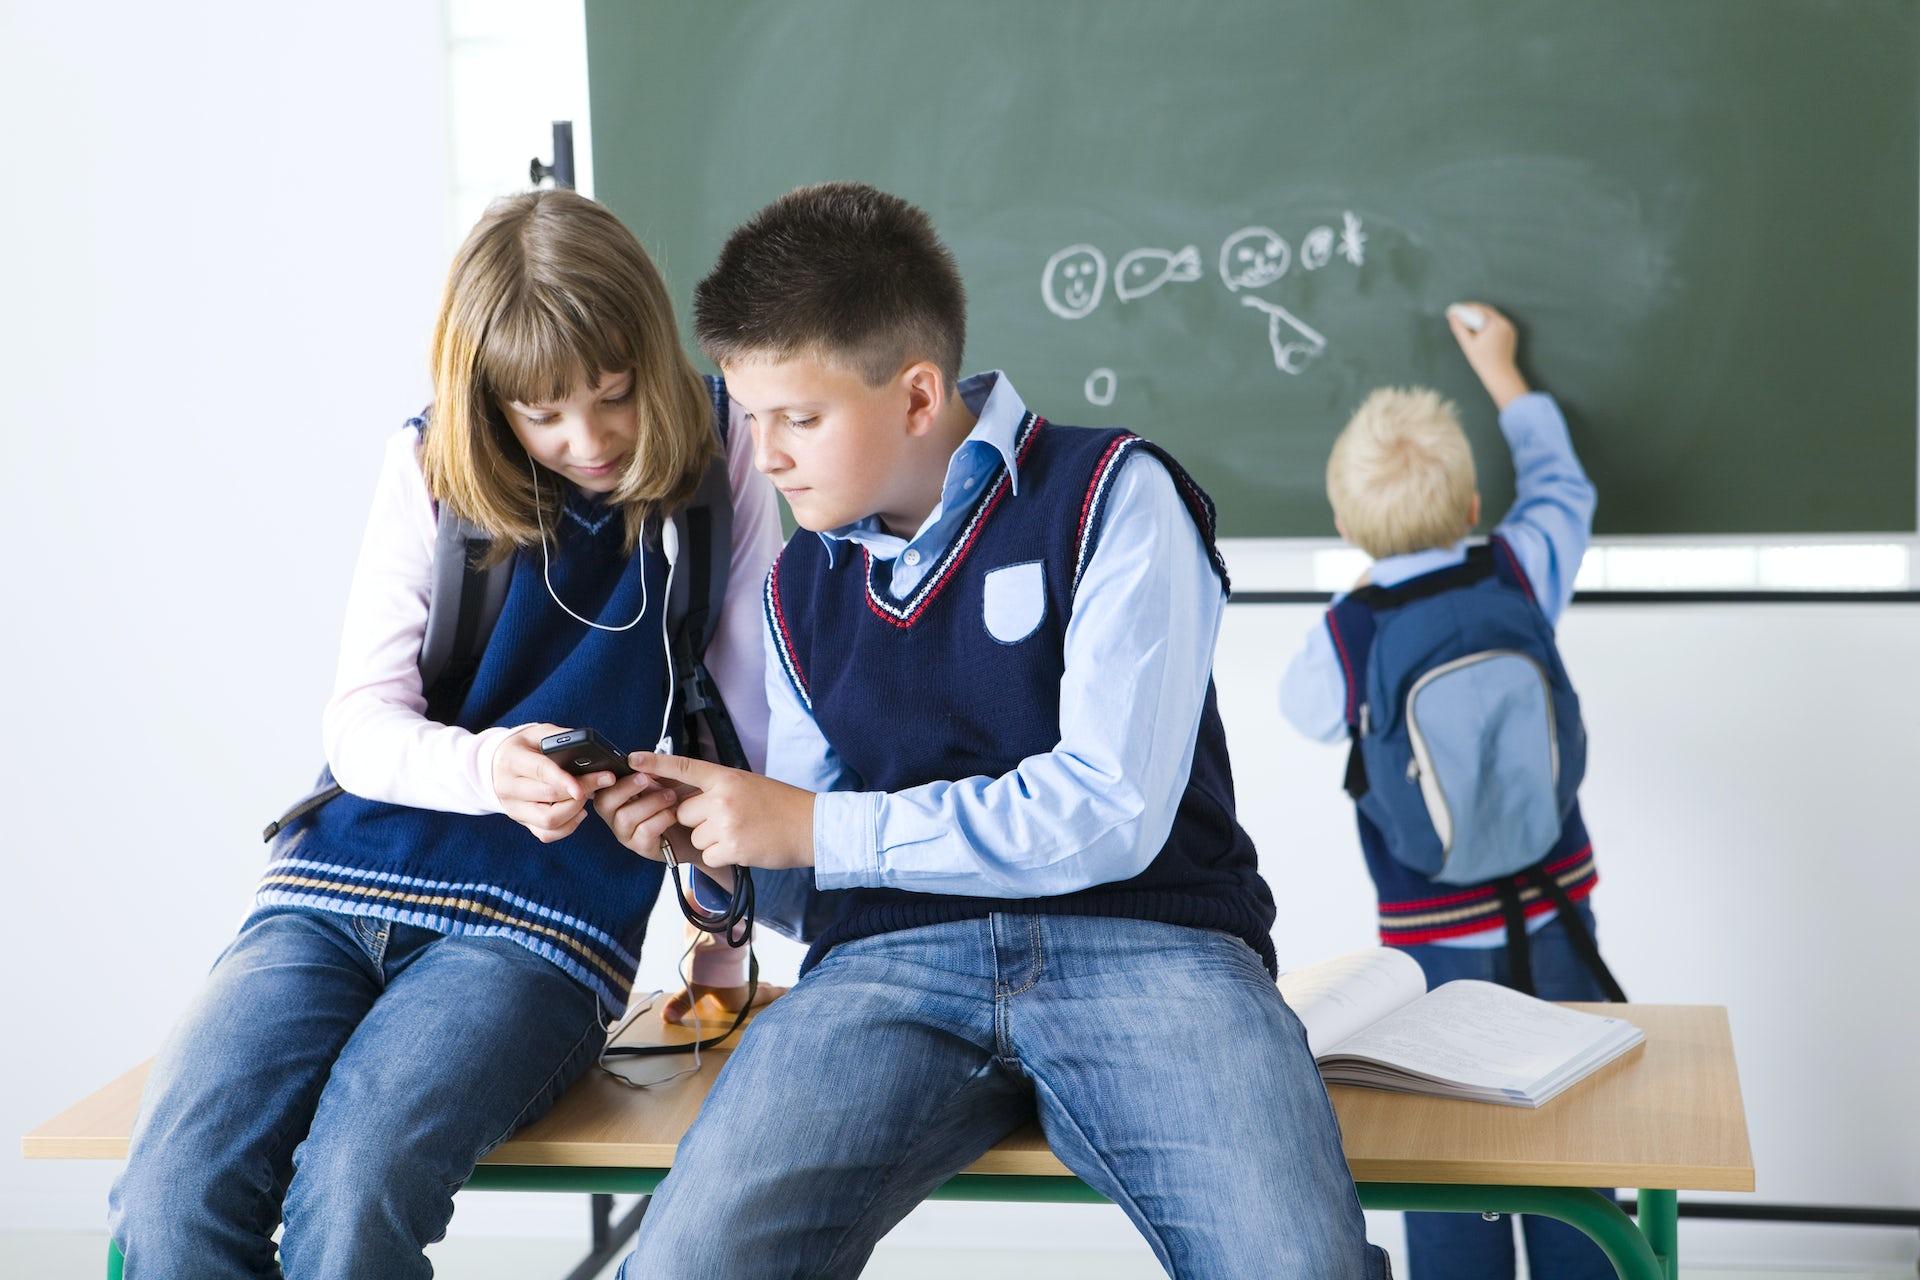 Фото секса на переменах в школе, Школьное порно фото с училками 22 фотография